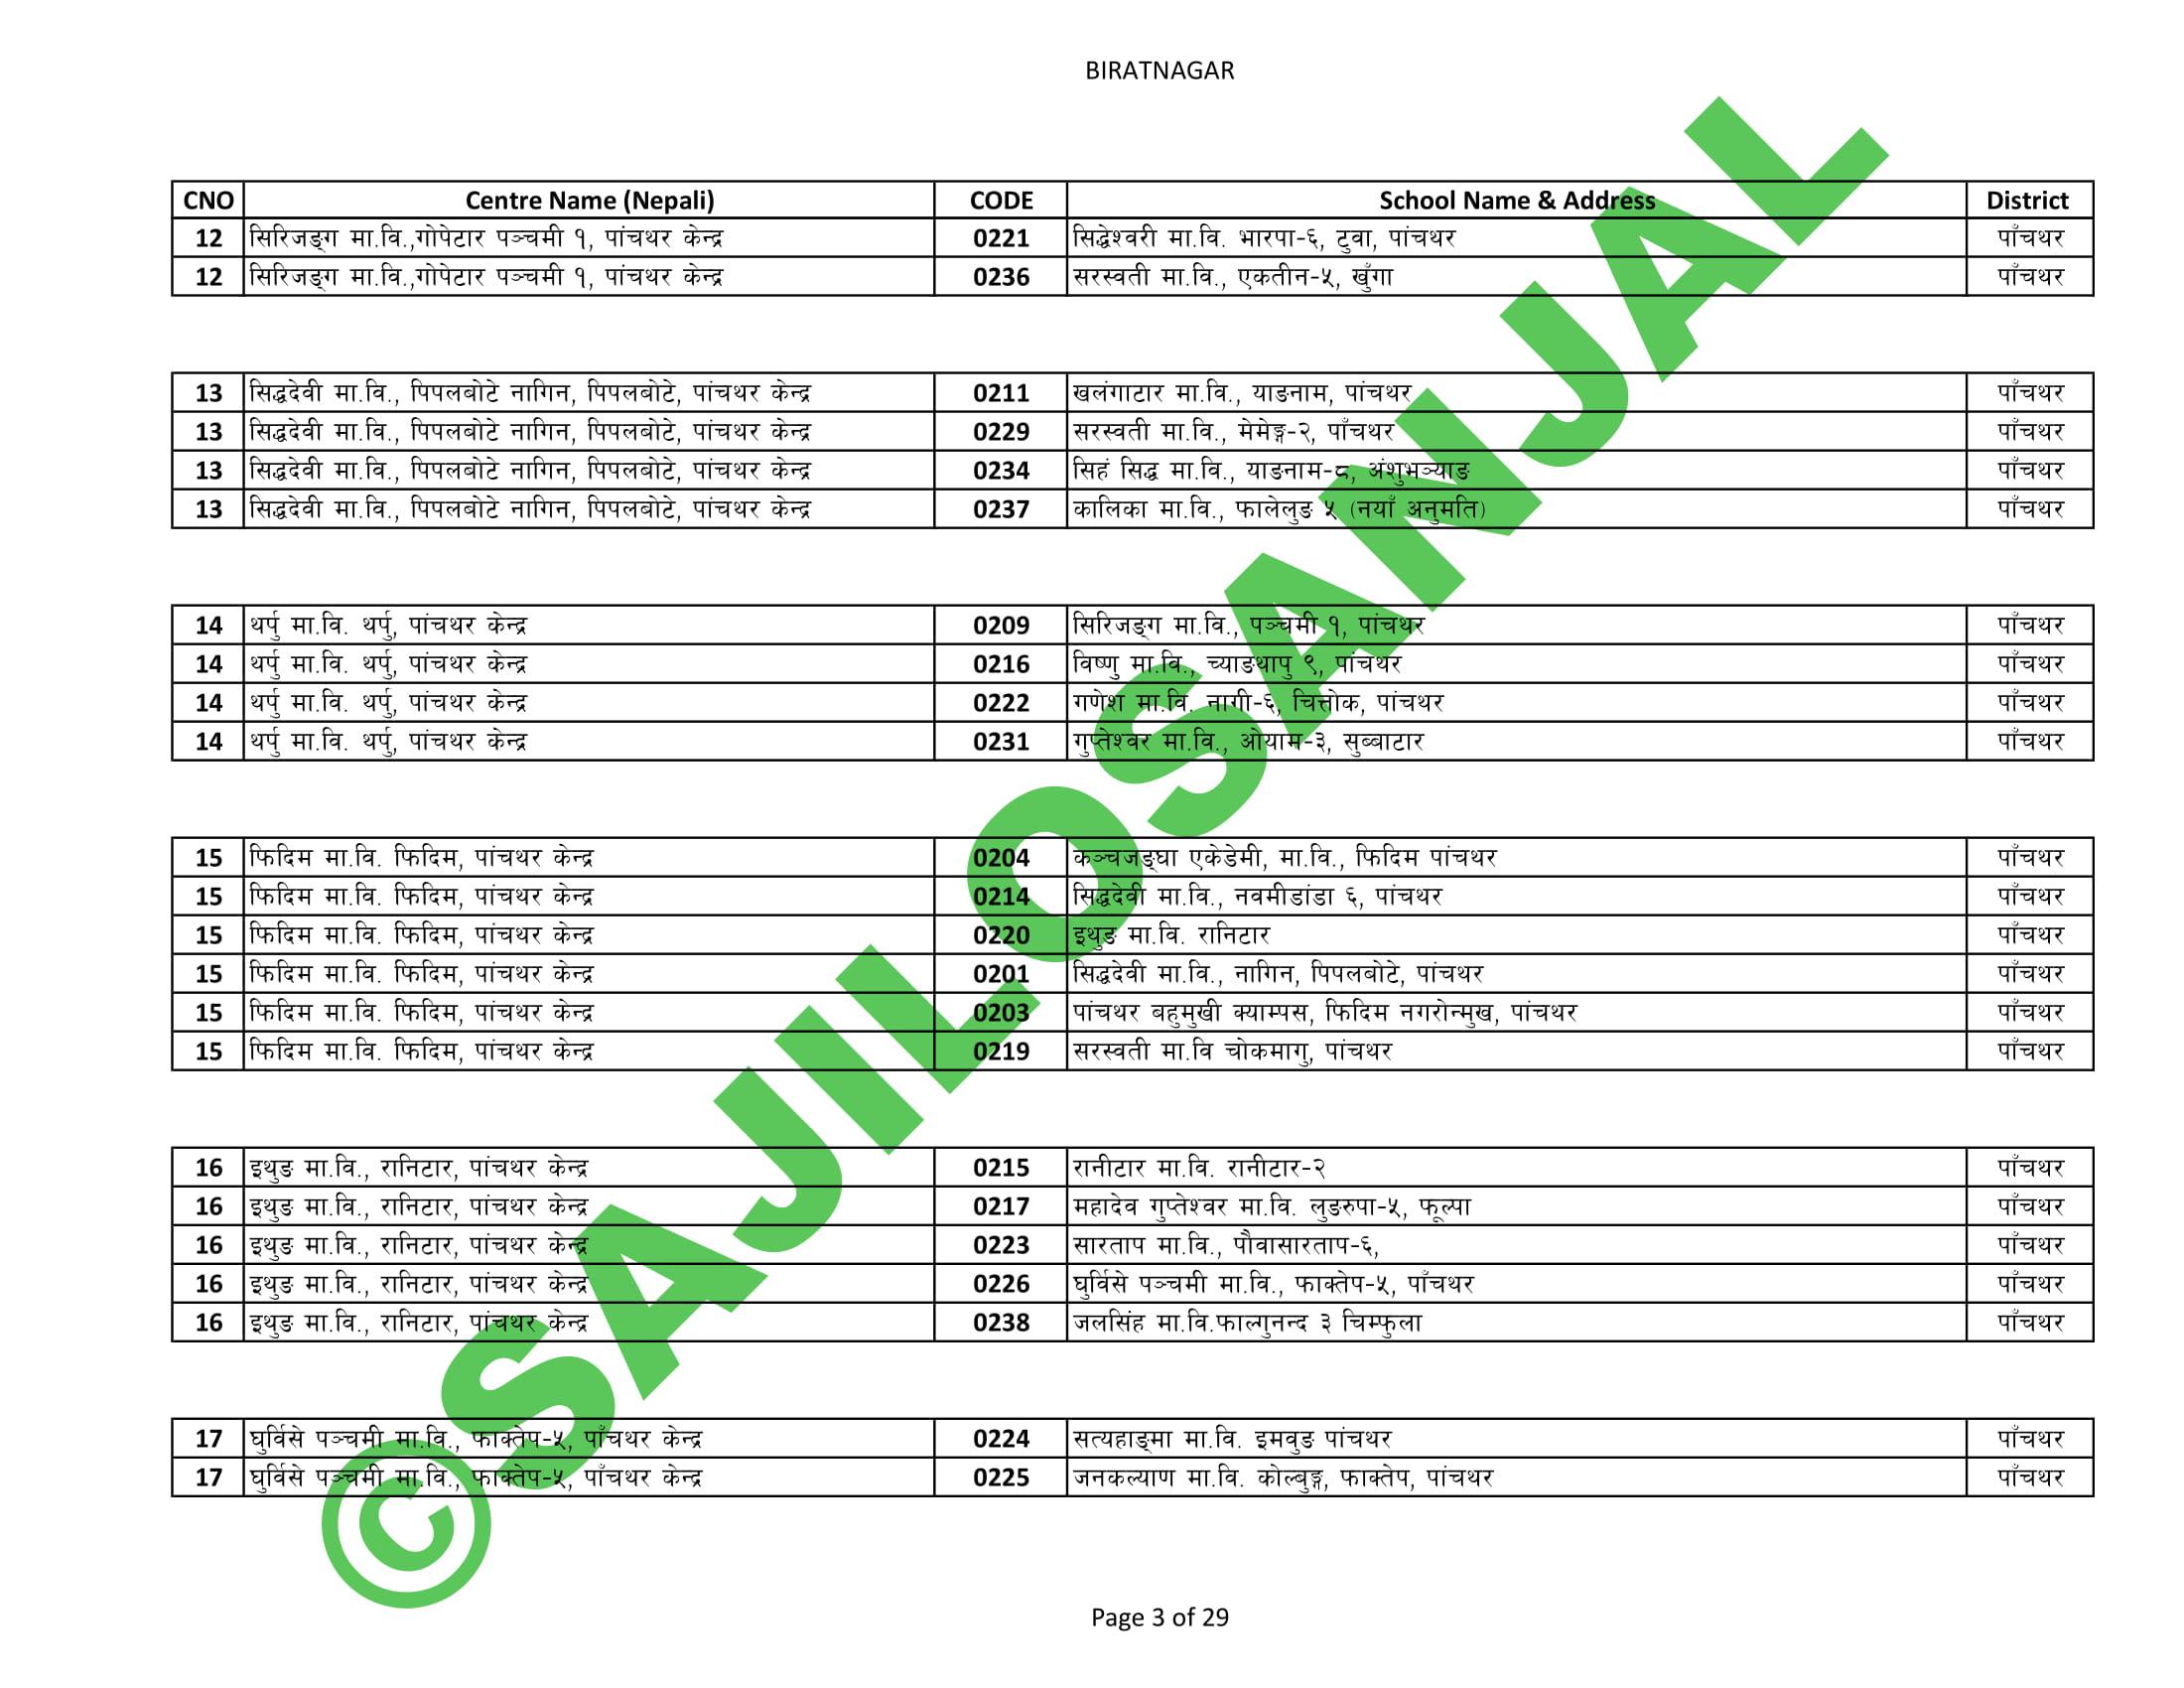 neb exam center, class 11 exam center, neb class 11 exam center, class 12 exam center, neb class 12 exam center, neb exam center 2076, class 11 exam center 2076, neb class 11 exam center 2076, class 12 exam center 2076, neb class 12 exam center 2076, class 11 exam center 2076, class 12 exam center 2076, class 11 exam center , class 12 exam center , १२ को बार्षिक परिक्षा केन्द्र , ११ को बार्षिक परिक्षा केन्द्र , १२ को परिक्षा केन्द्र , ११ को परिक्षा केन्द्र , १२ परिक्षा केन्द्र , ११ परिक्षा केन्द्र ,